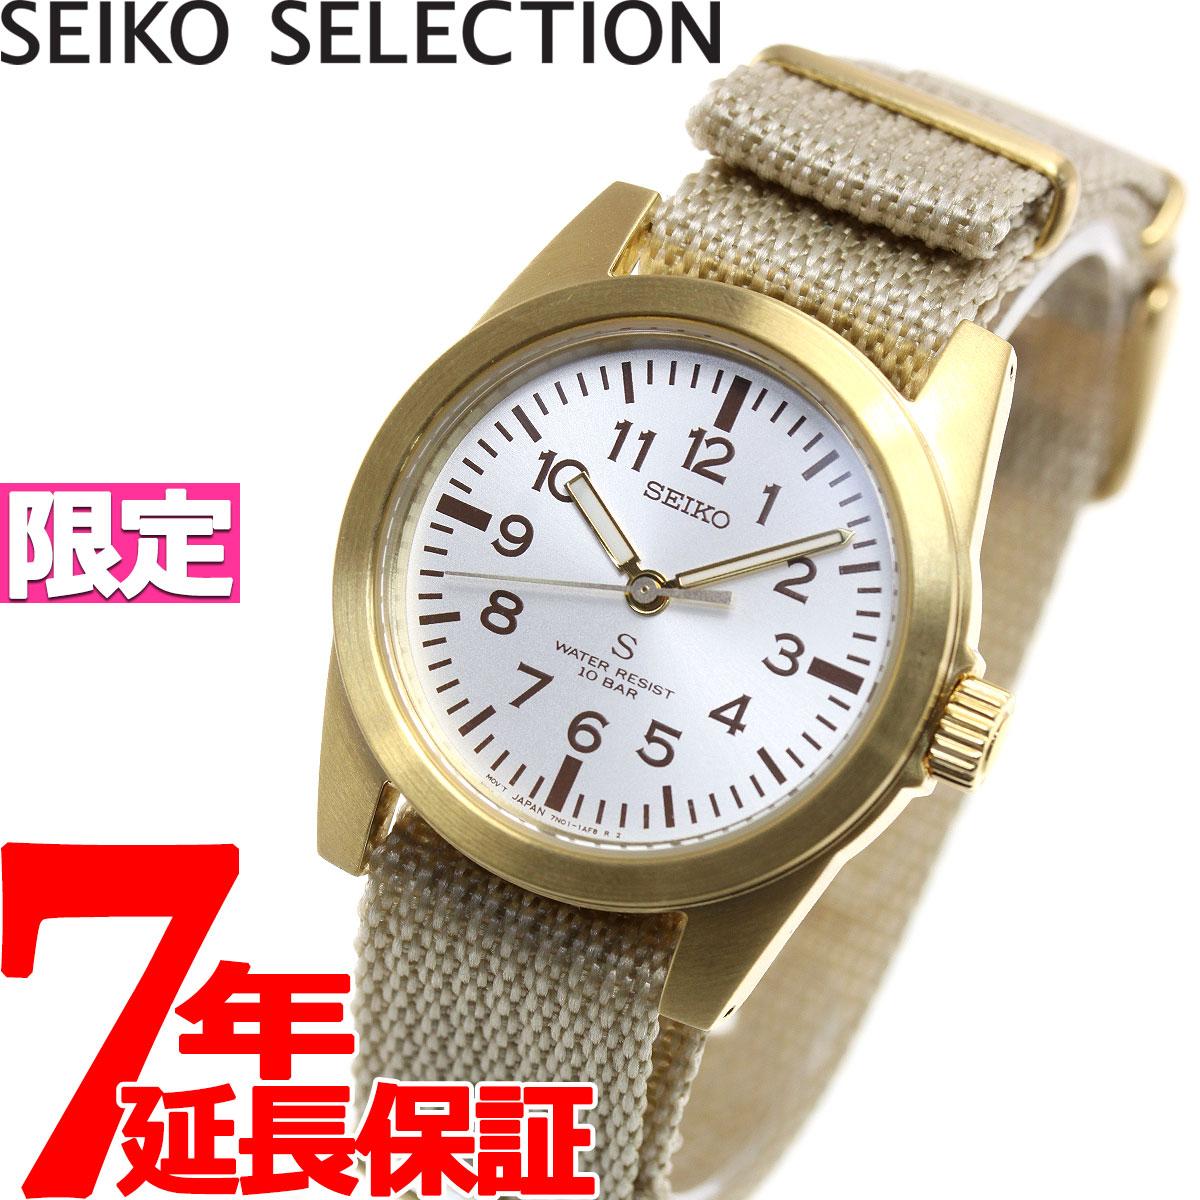 【5日0時~♪2000円OFFクーポン&店内ポイント最大51倍!5日23時59分まで】セイコー セレクション SEIKO SELECTION SUSデザイン復刻モデル 流通限定モデル 腕時計 メンズ nano・universe SCXP158